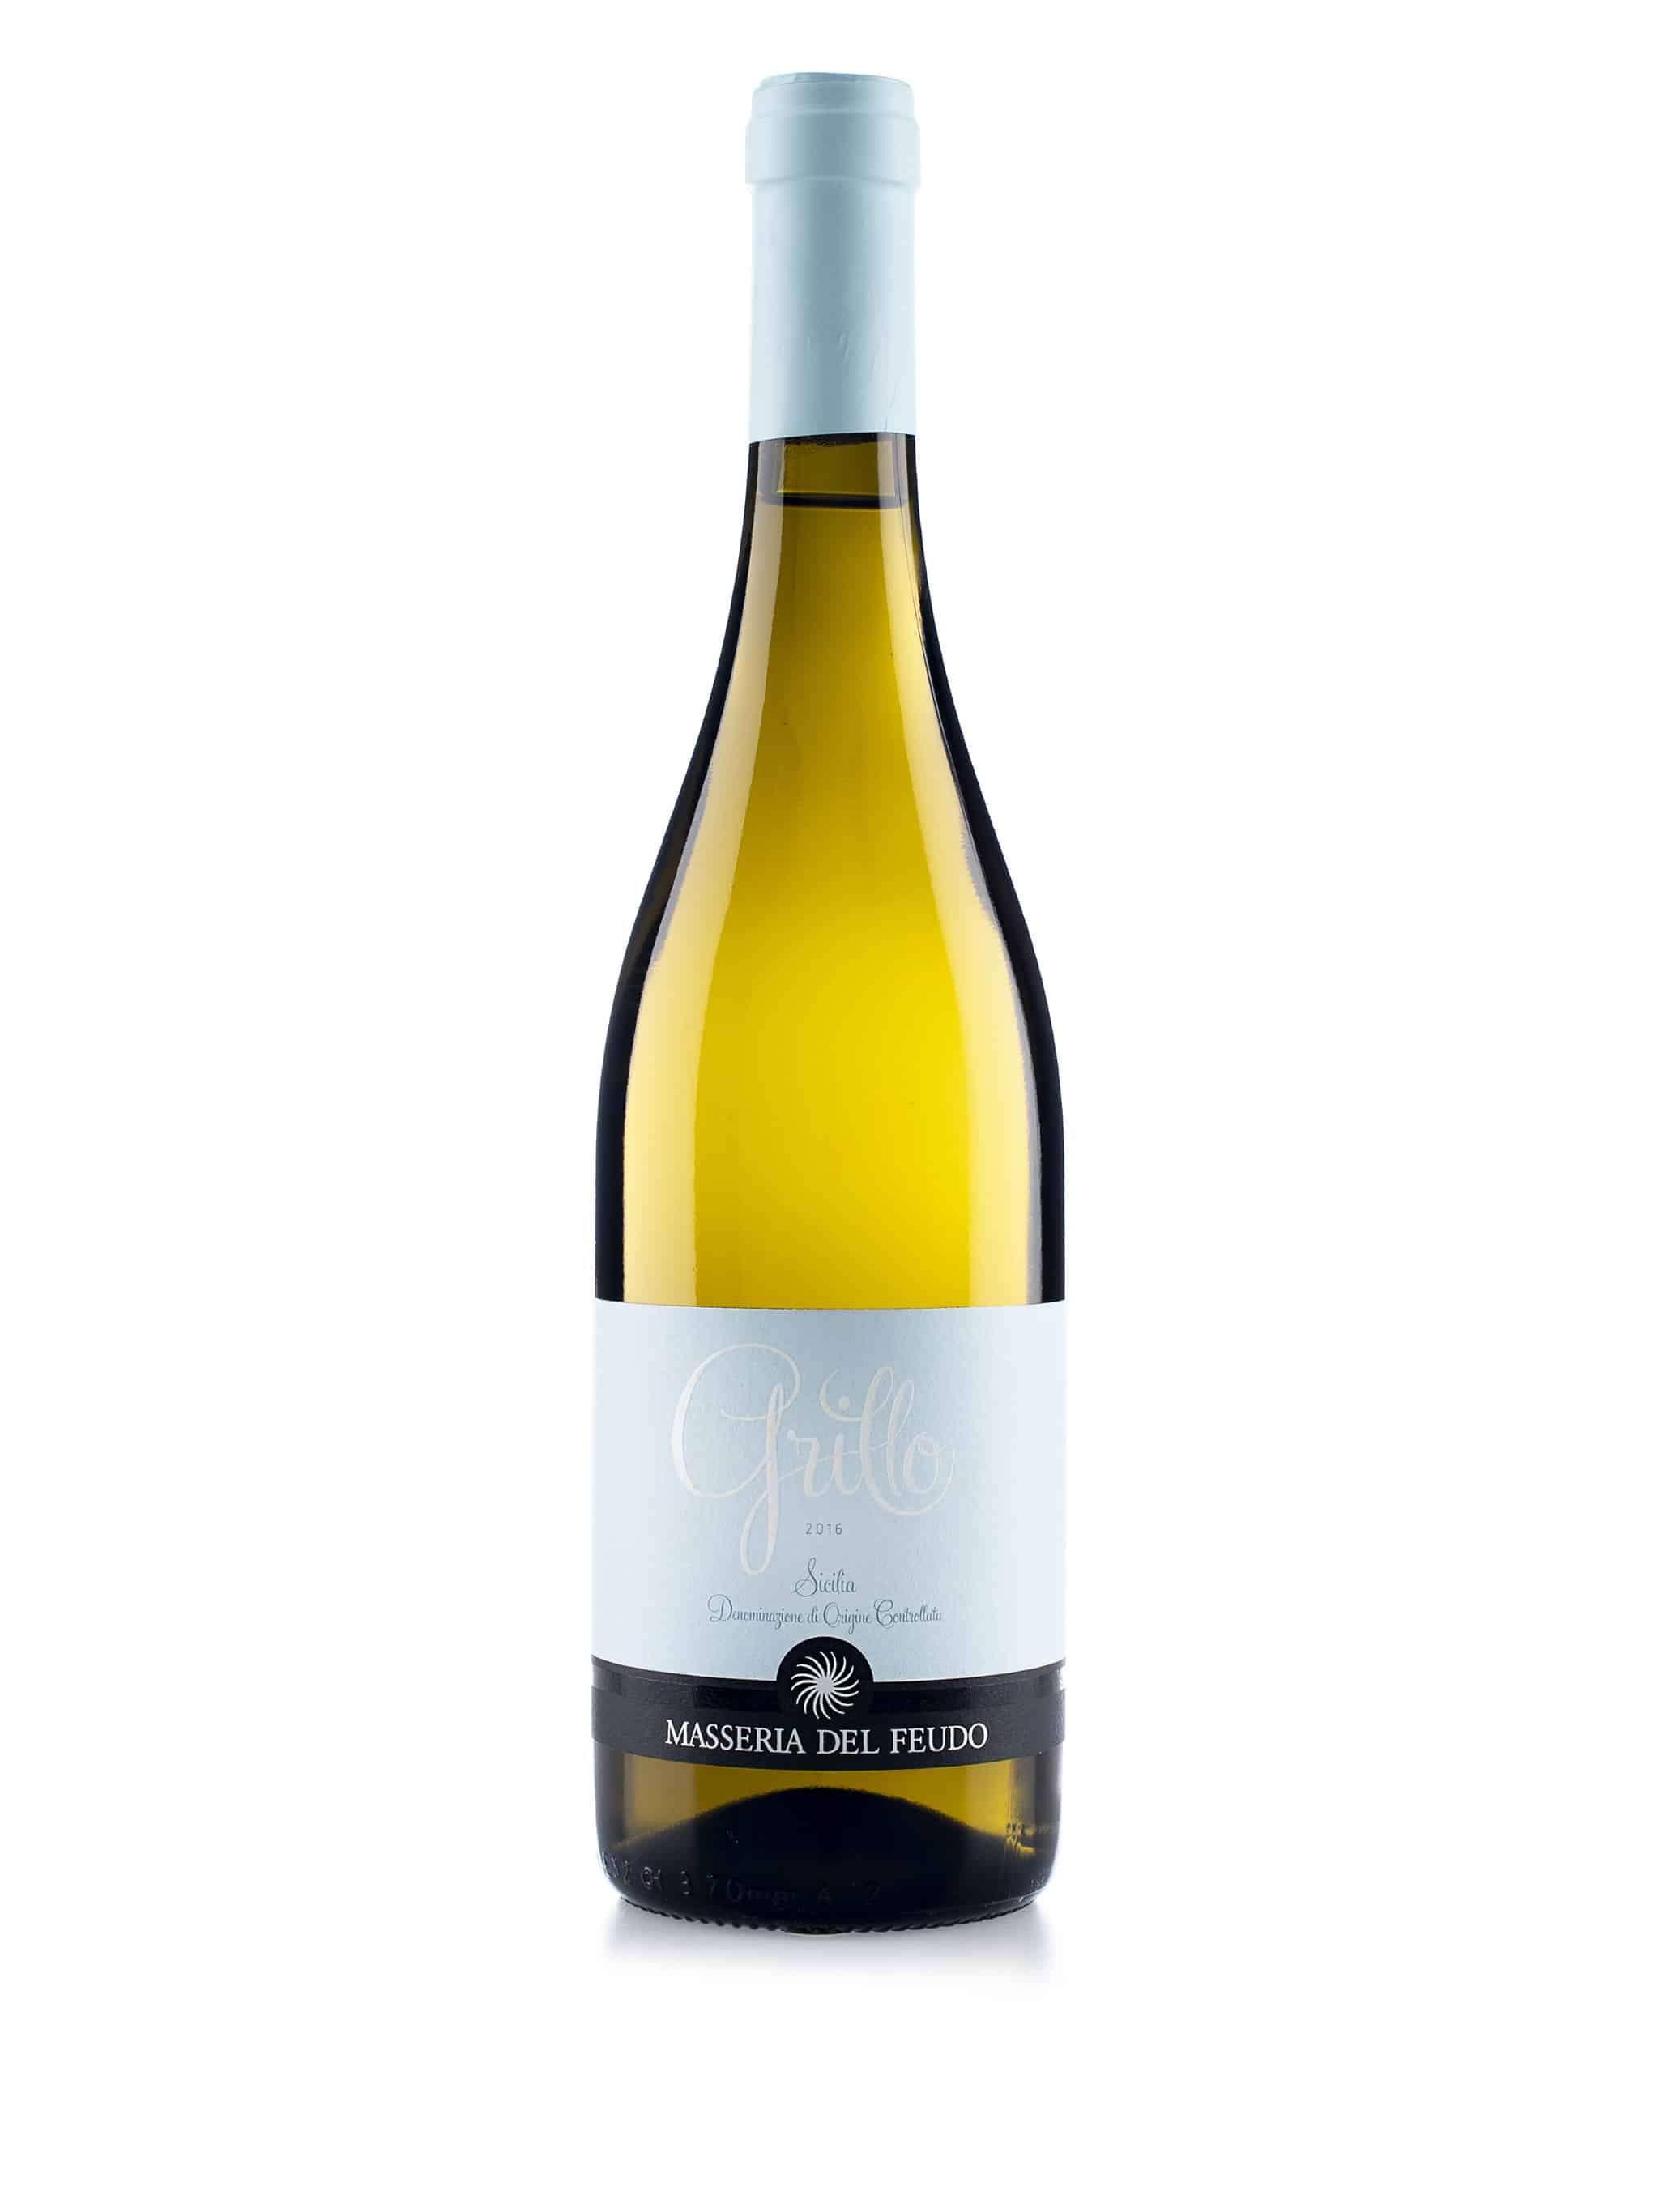 Italiaanse witte wijn van wijndomein Masseria del Fuedo: Grillo